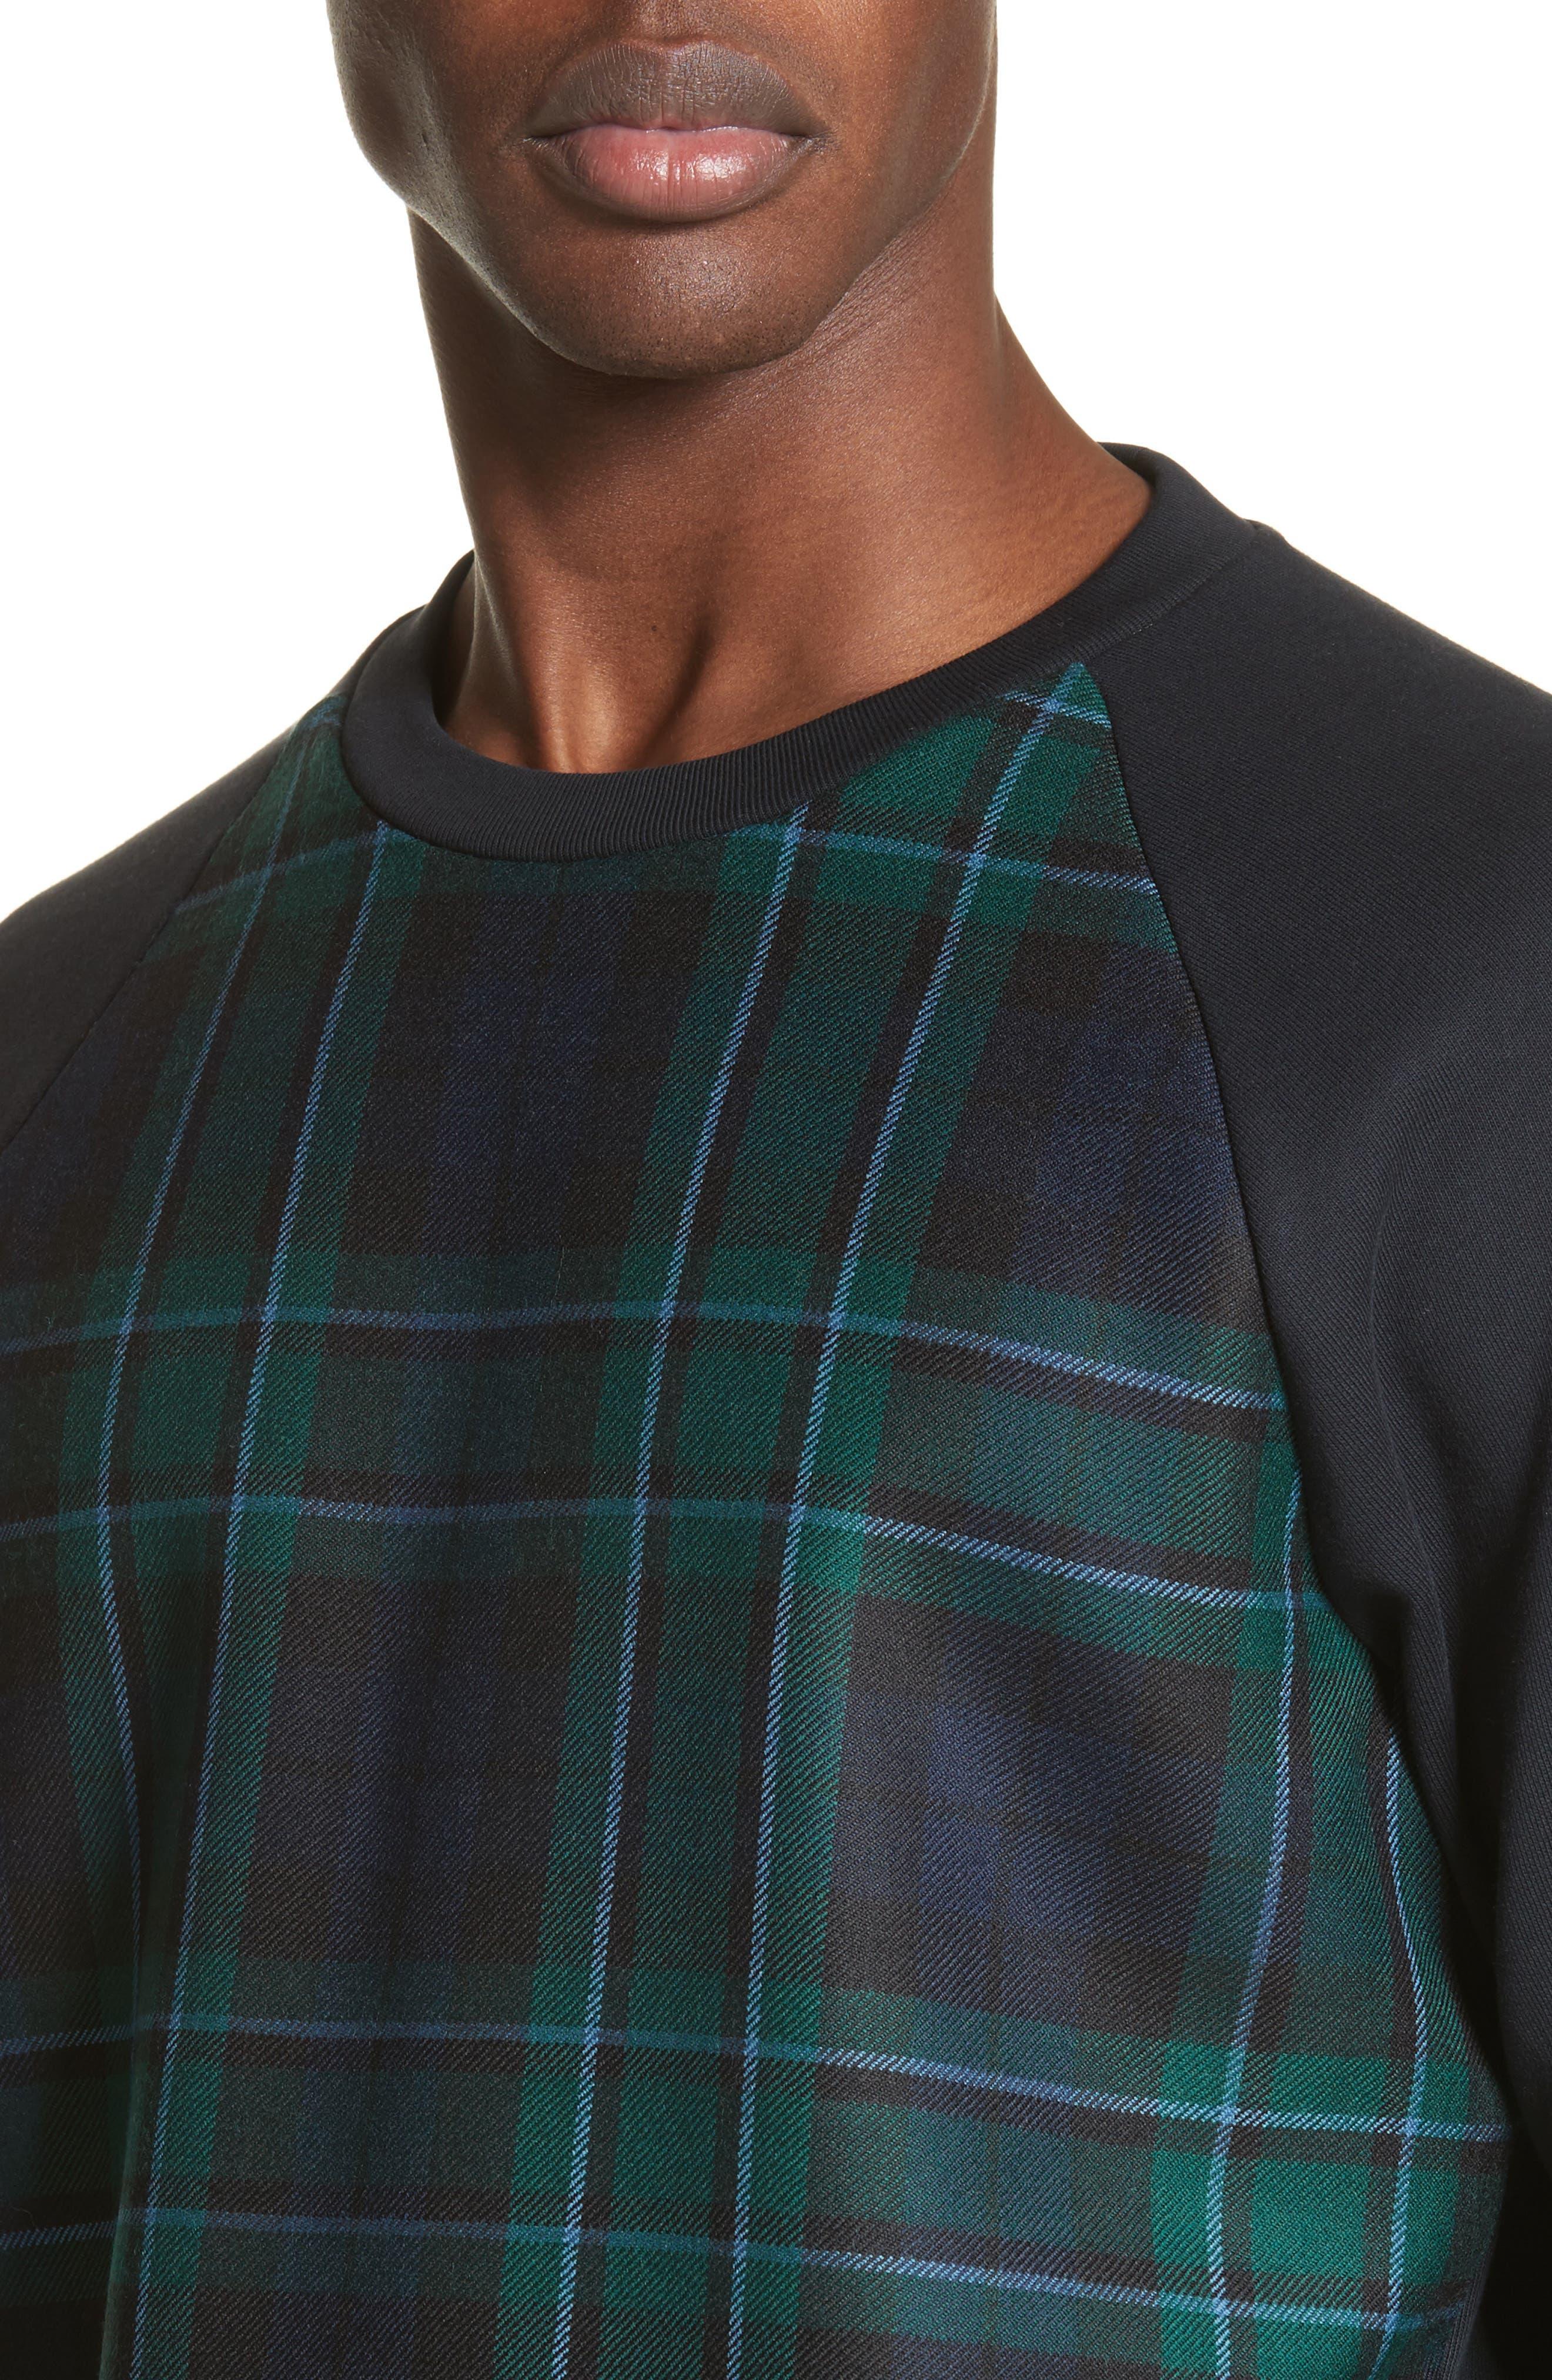 Beachen Tartan Panel Jersey Sweatshirt,                             Alternate thumbnail 4, color,                             410